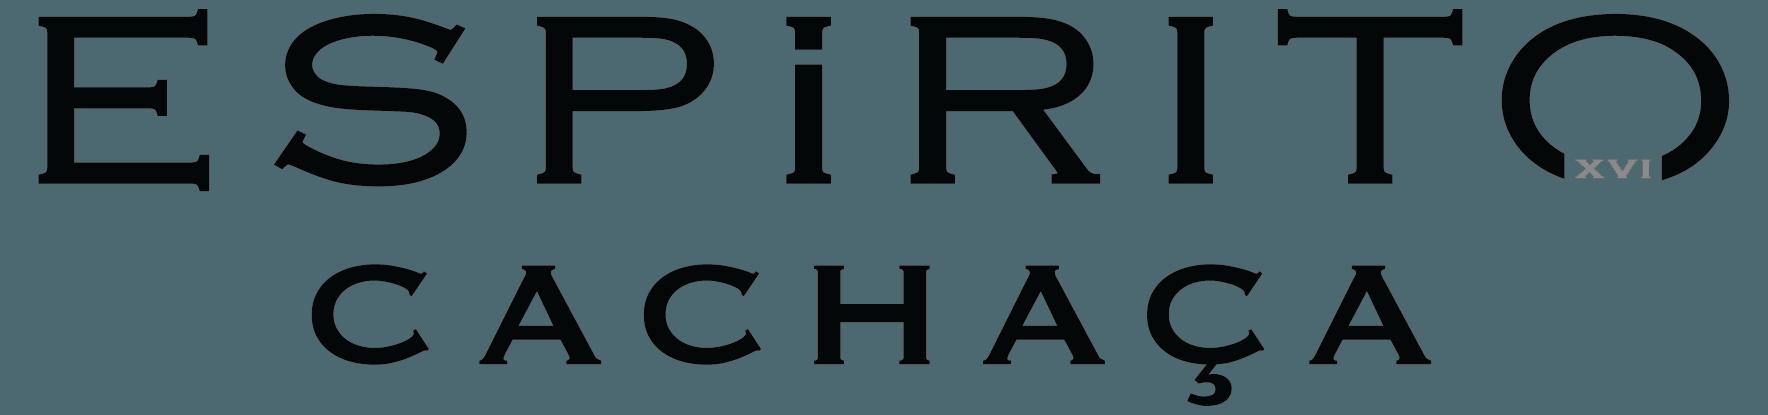 Espirito XVI Cachaca Logo.png